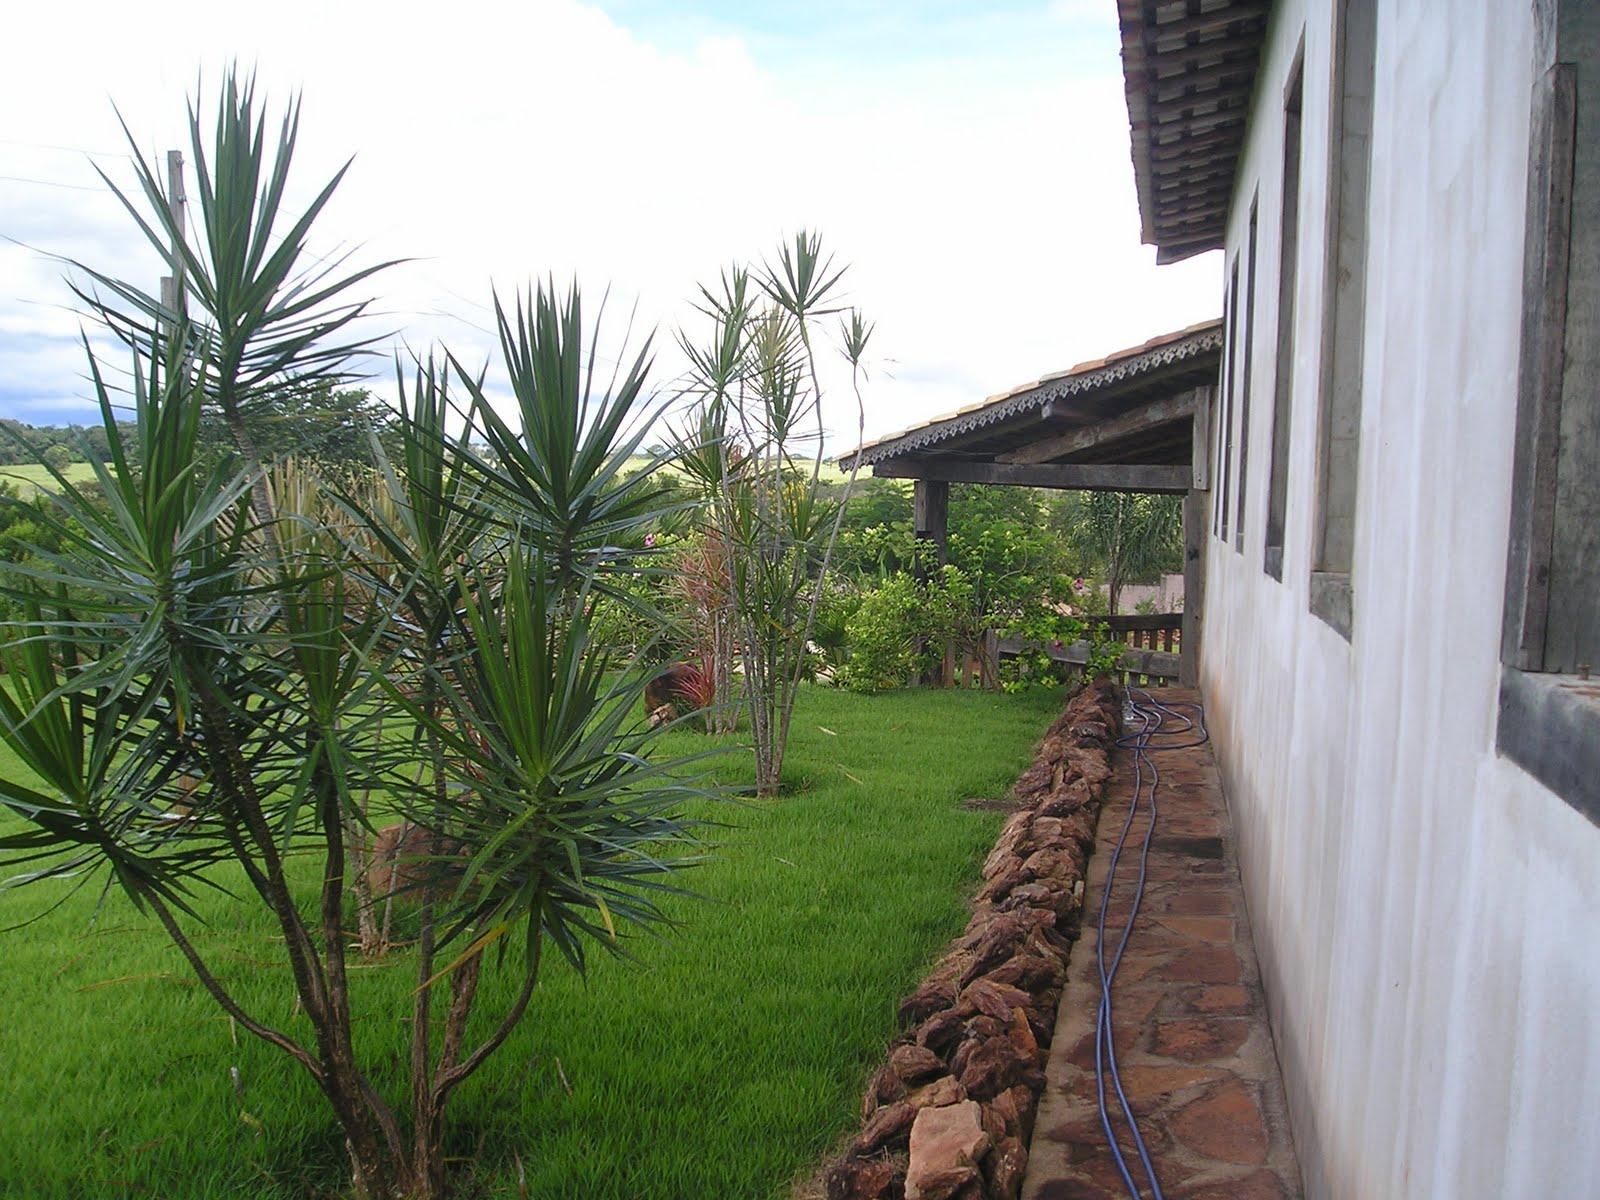 decoracao jardim chacara : decoracao jardim chacara:Época – Arquitetura, Restauro, Decoração, Paisagismo: Projeto de